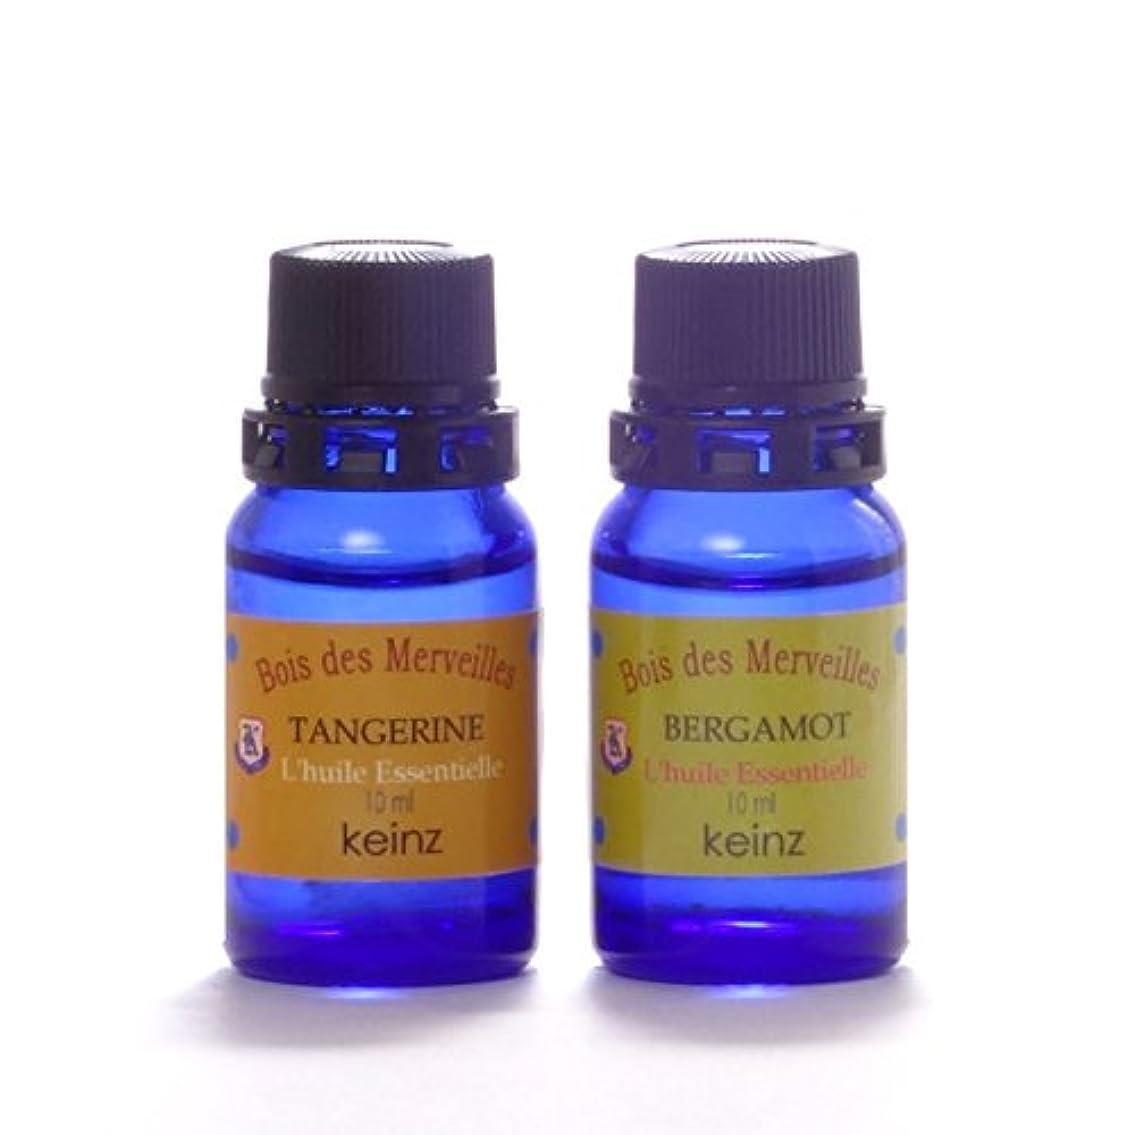 レタス自慢変成器keinzエッセンシャルオイル「タンジェリン10ml&ベルガモット10ml」2種1セット ケインズ正規品 製造国アメリカ 水蒸気蒸留法による100%無添加精油 人工香料は使っていません。